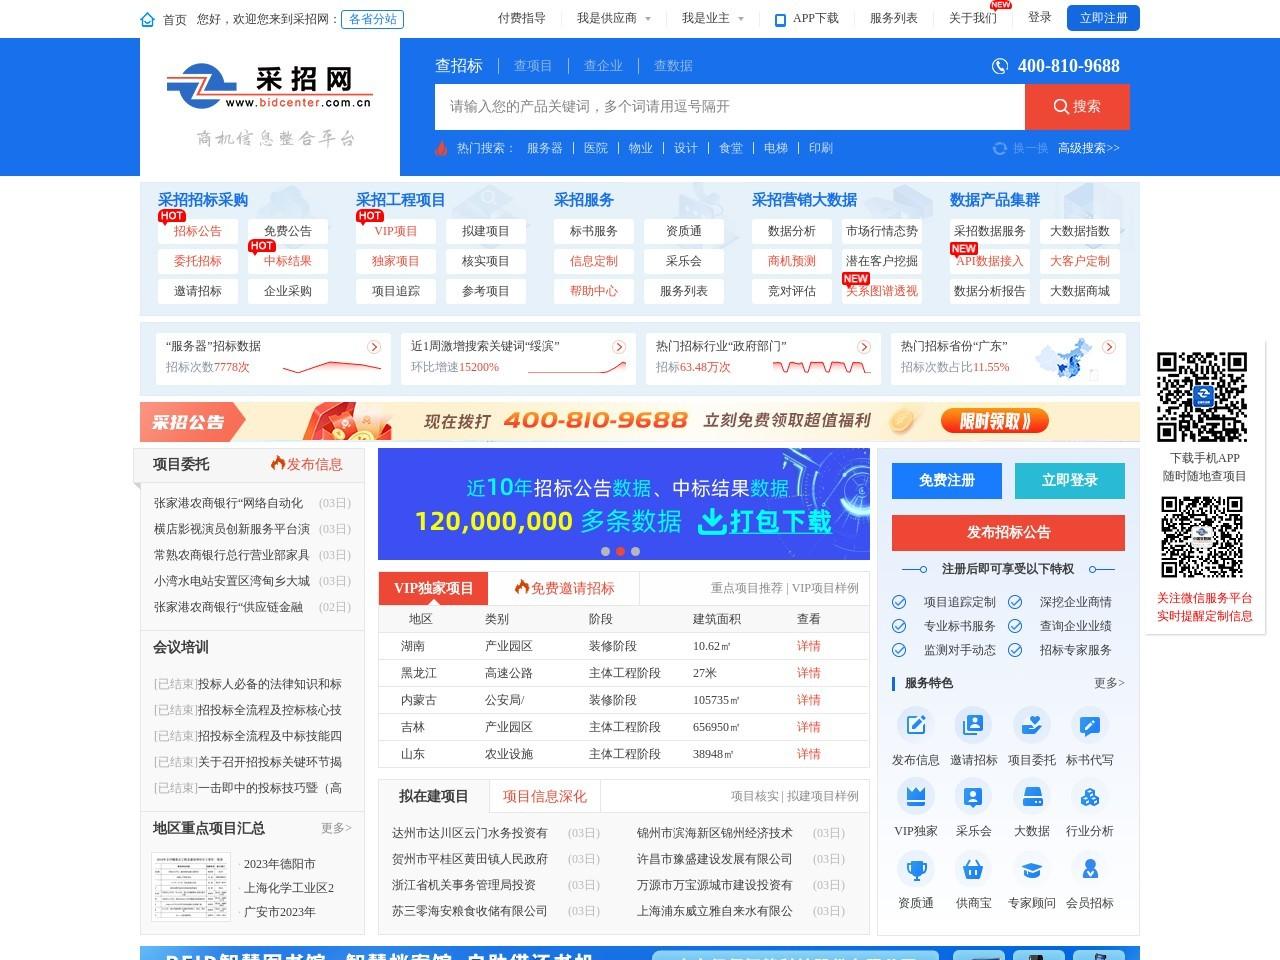 中国采招网